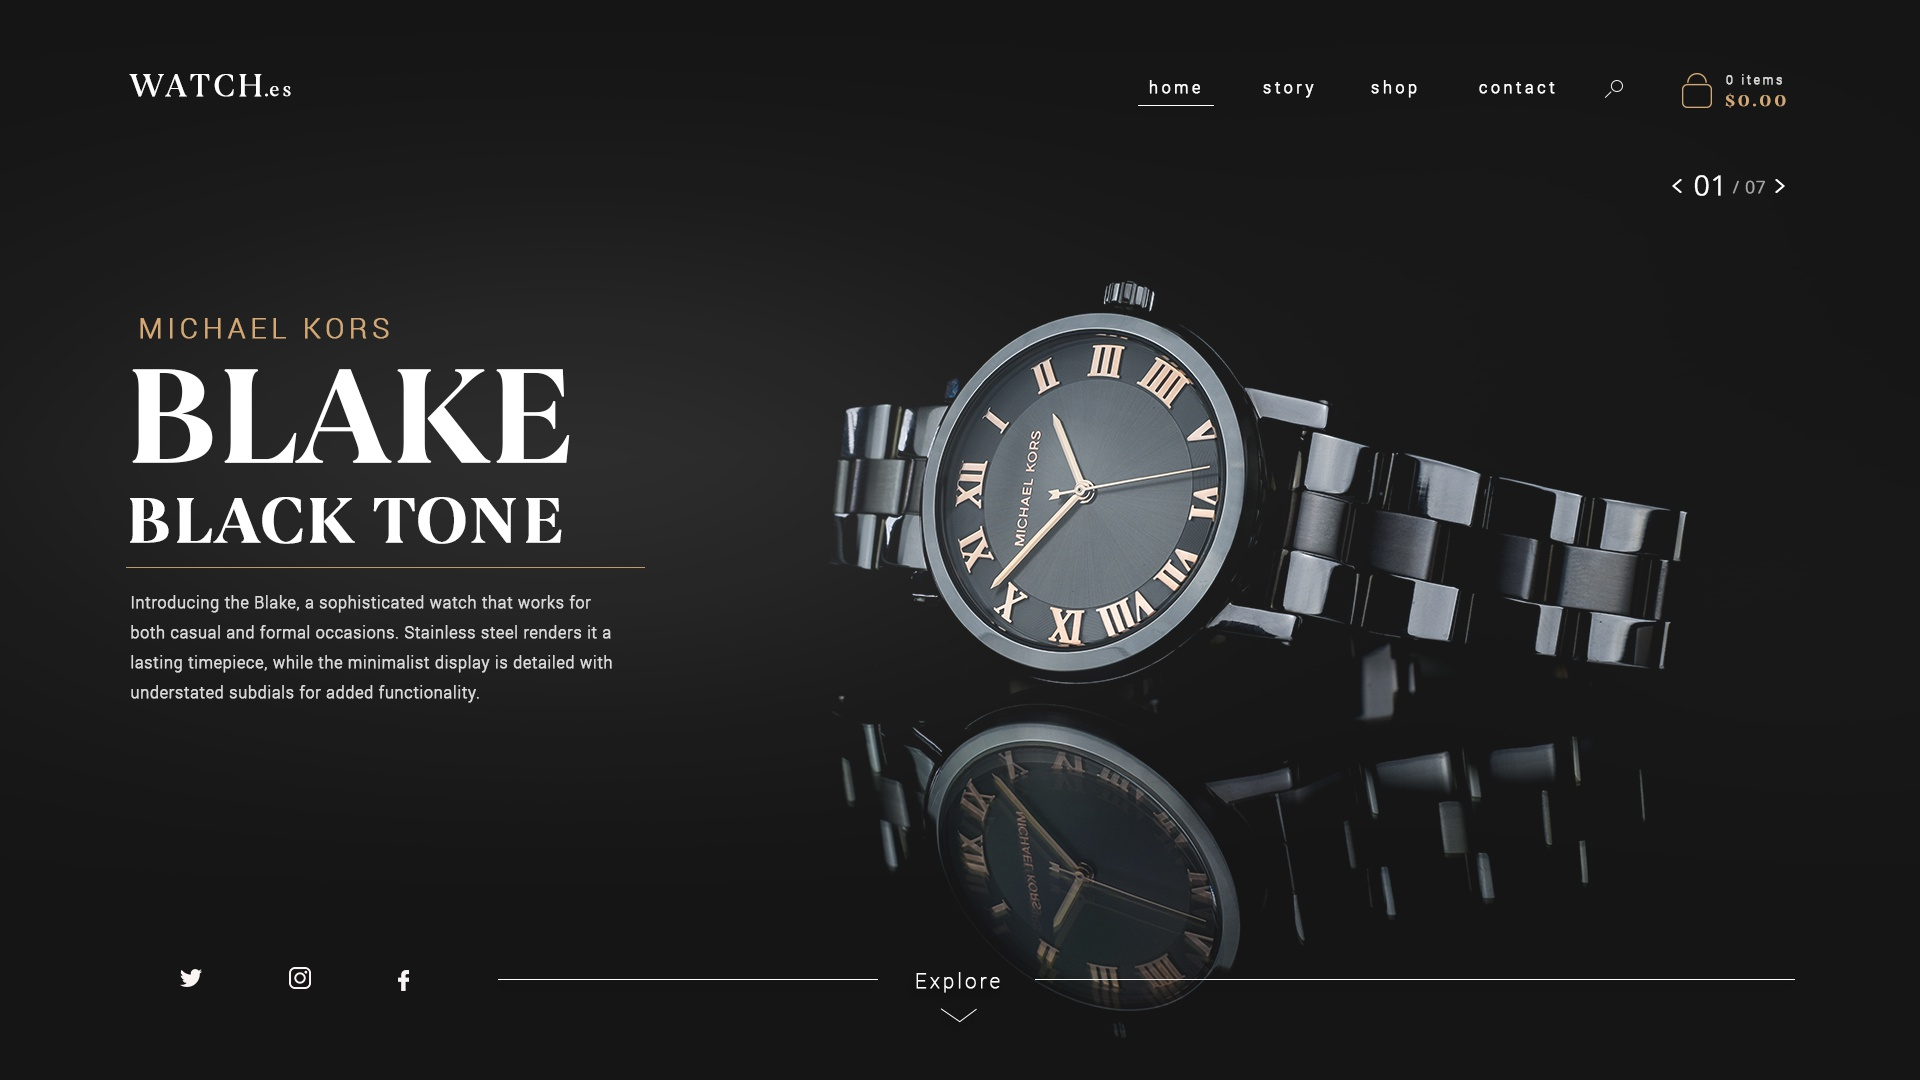 Watch website concept 3